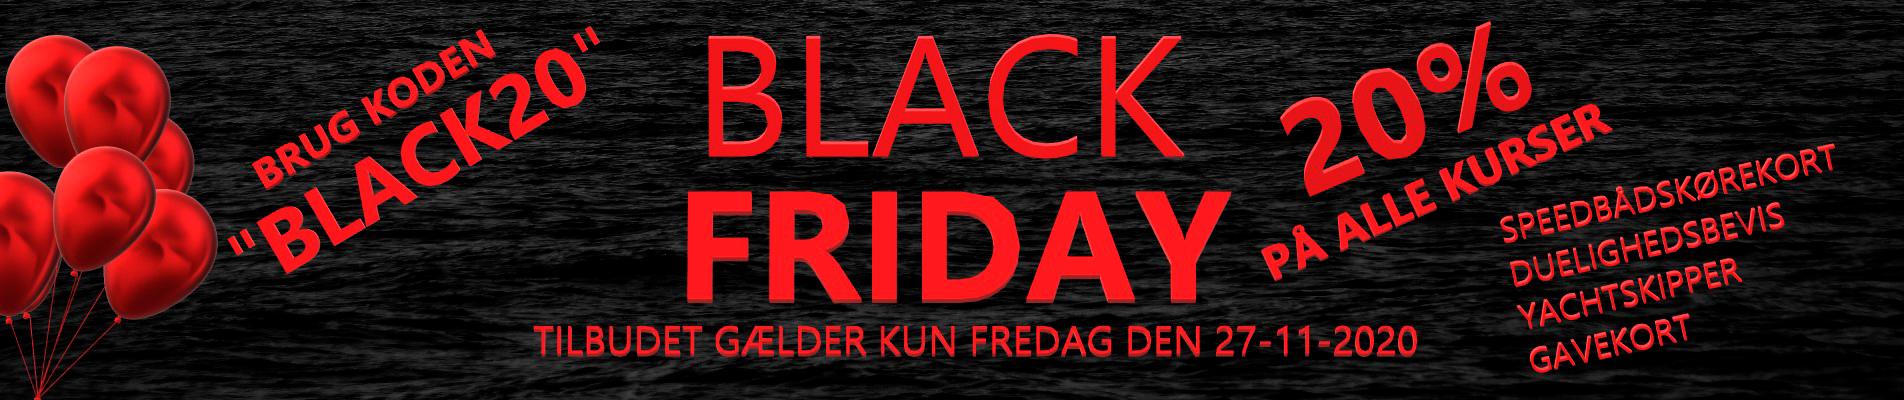 BLACK_FRIDAY_speedbaadskoerekort_duelighedsbevis_gavekort_banner